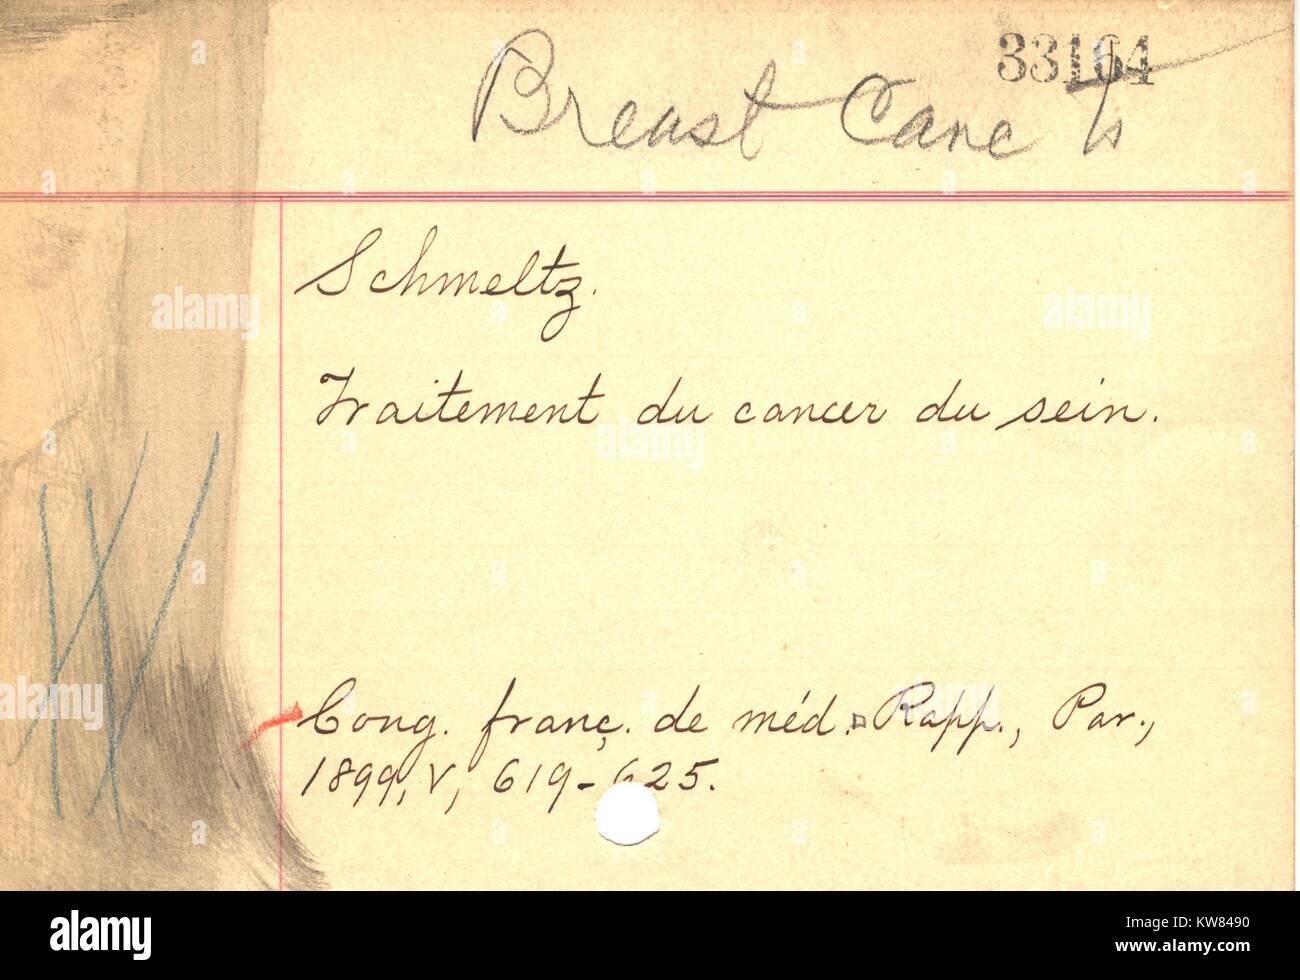 Un oggetto manoscritta carta dalla libreria del vecchio catalogo scheda ricorda i giorni precomputer quando le informazioni Immagini Stock